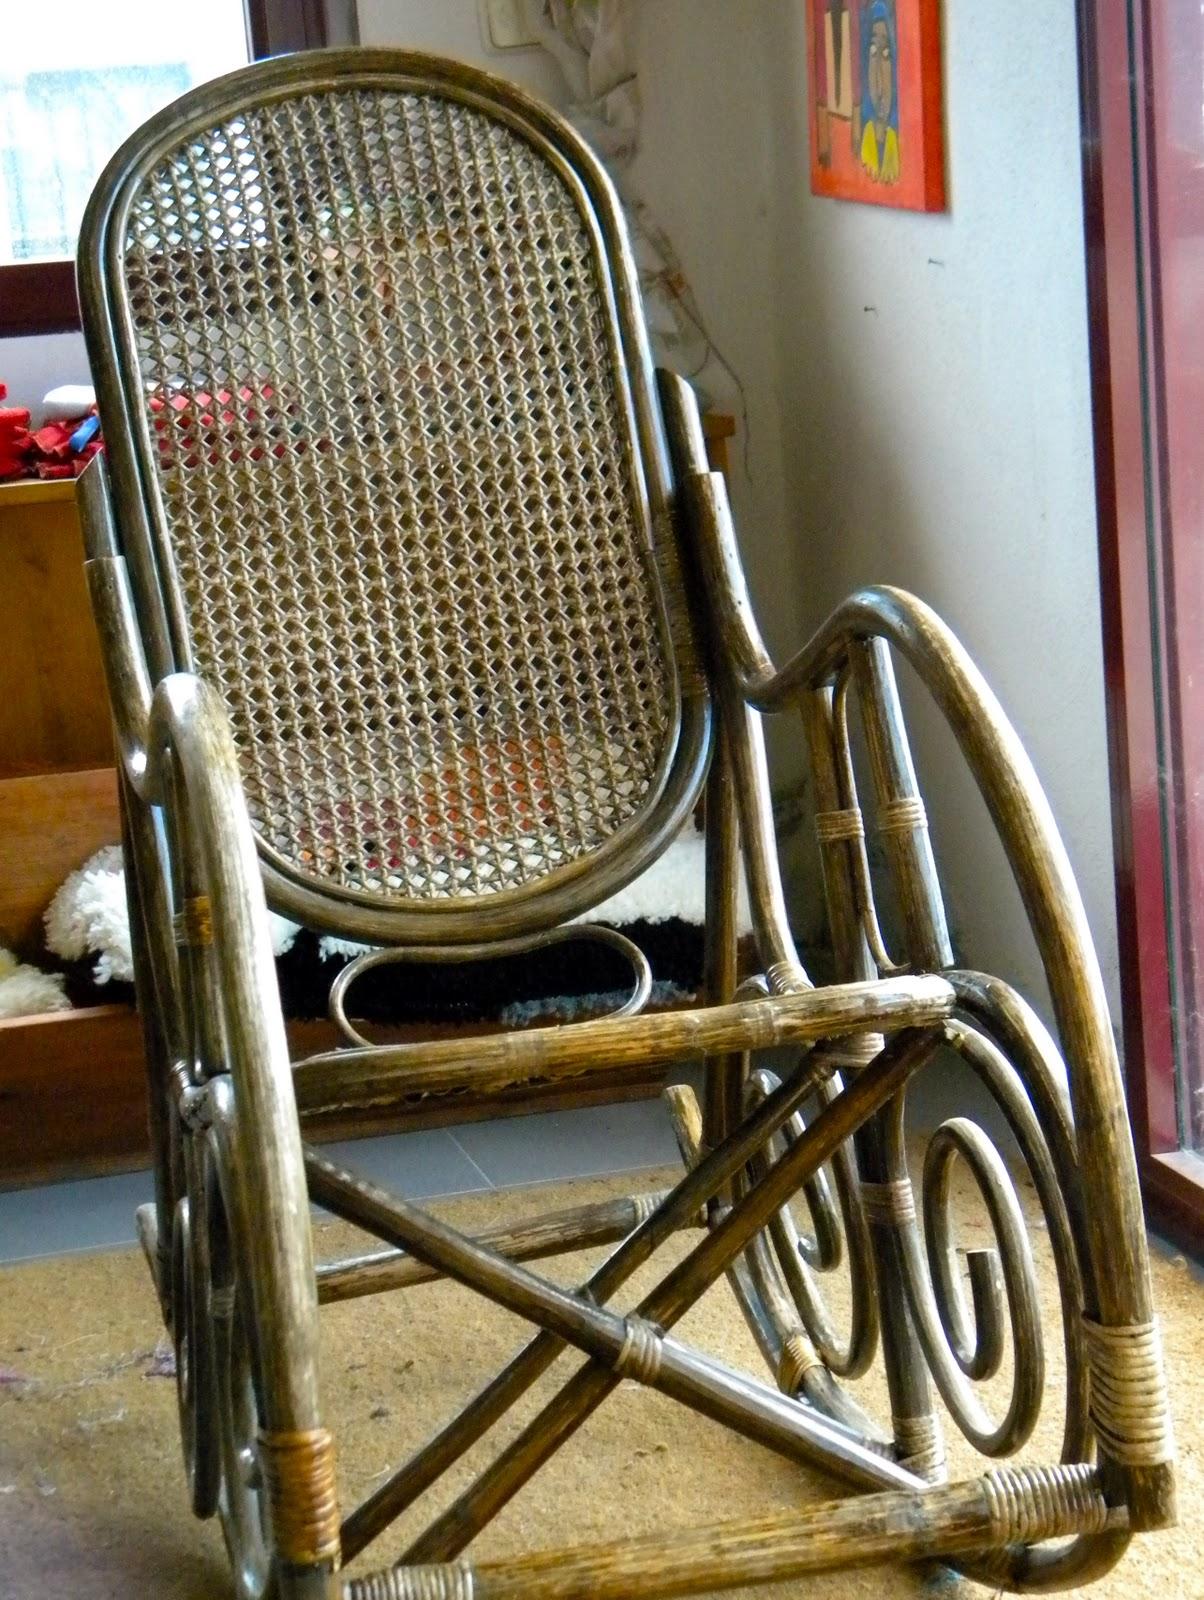 Restauracion De Muebles Madrid : Apafam restauración de muebles